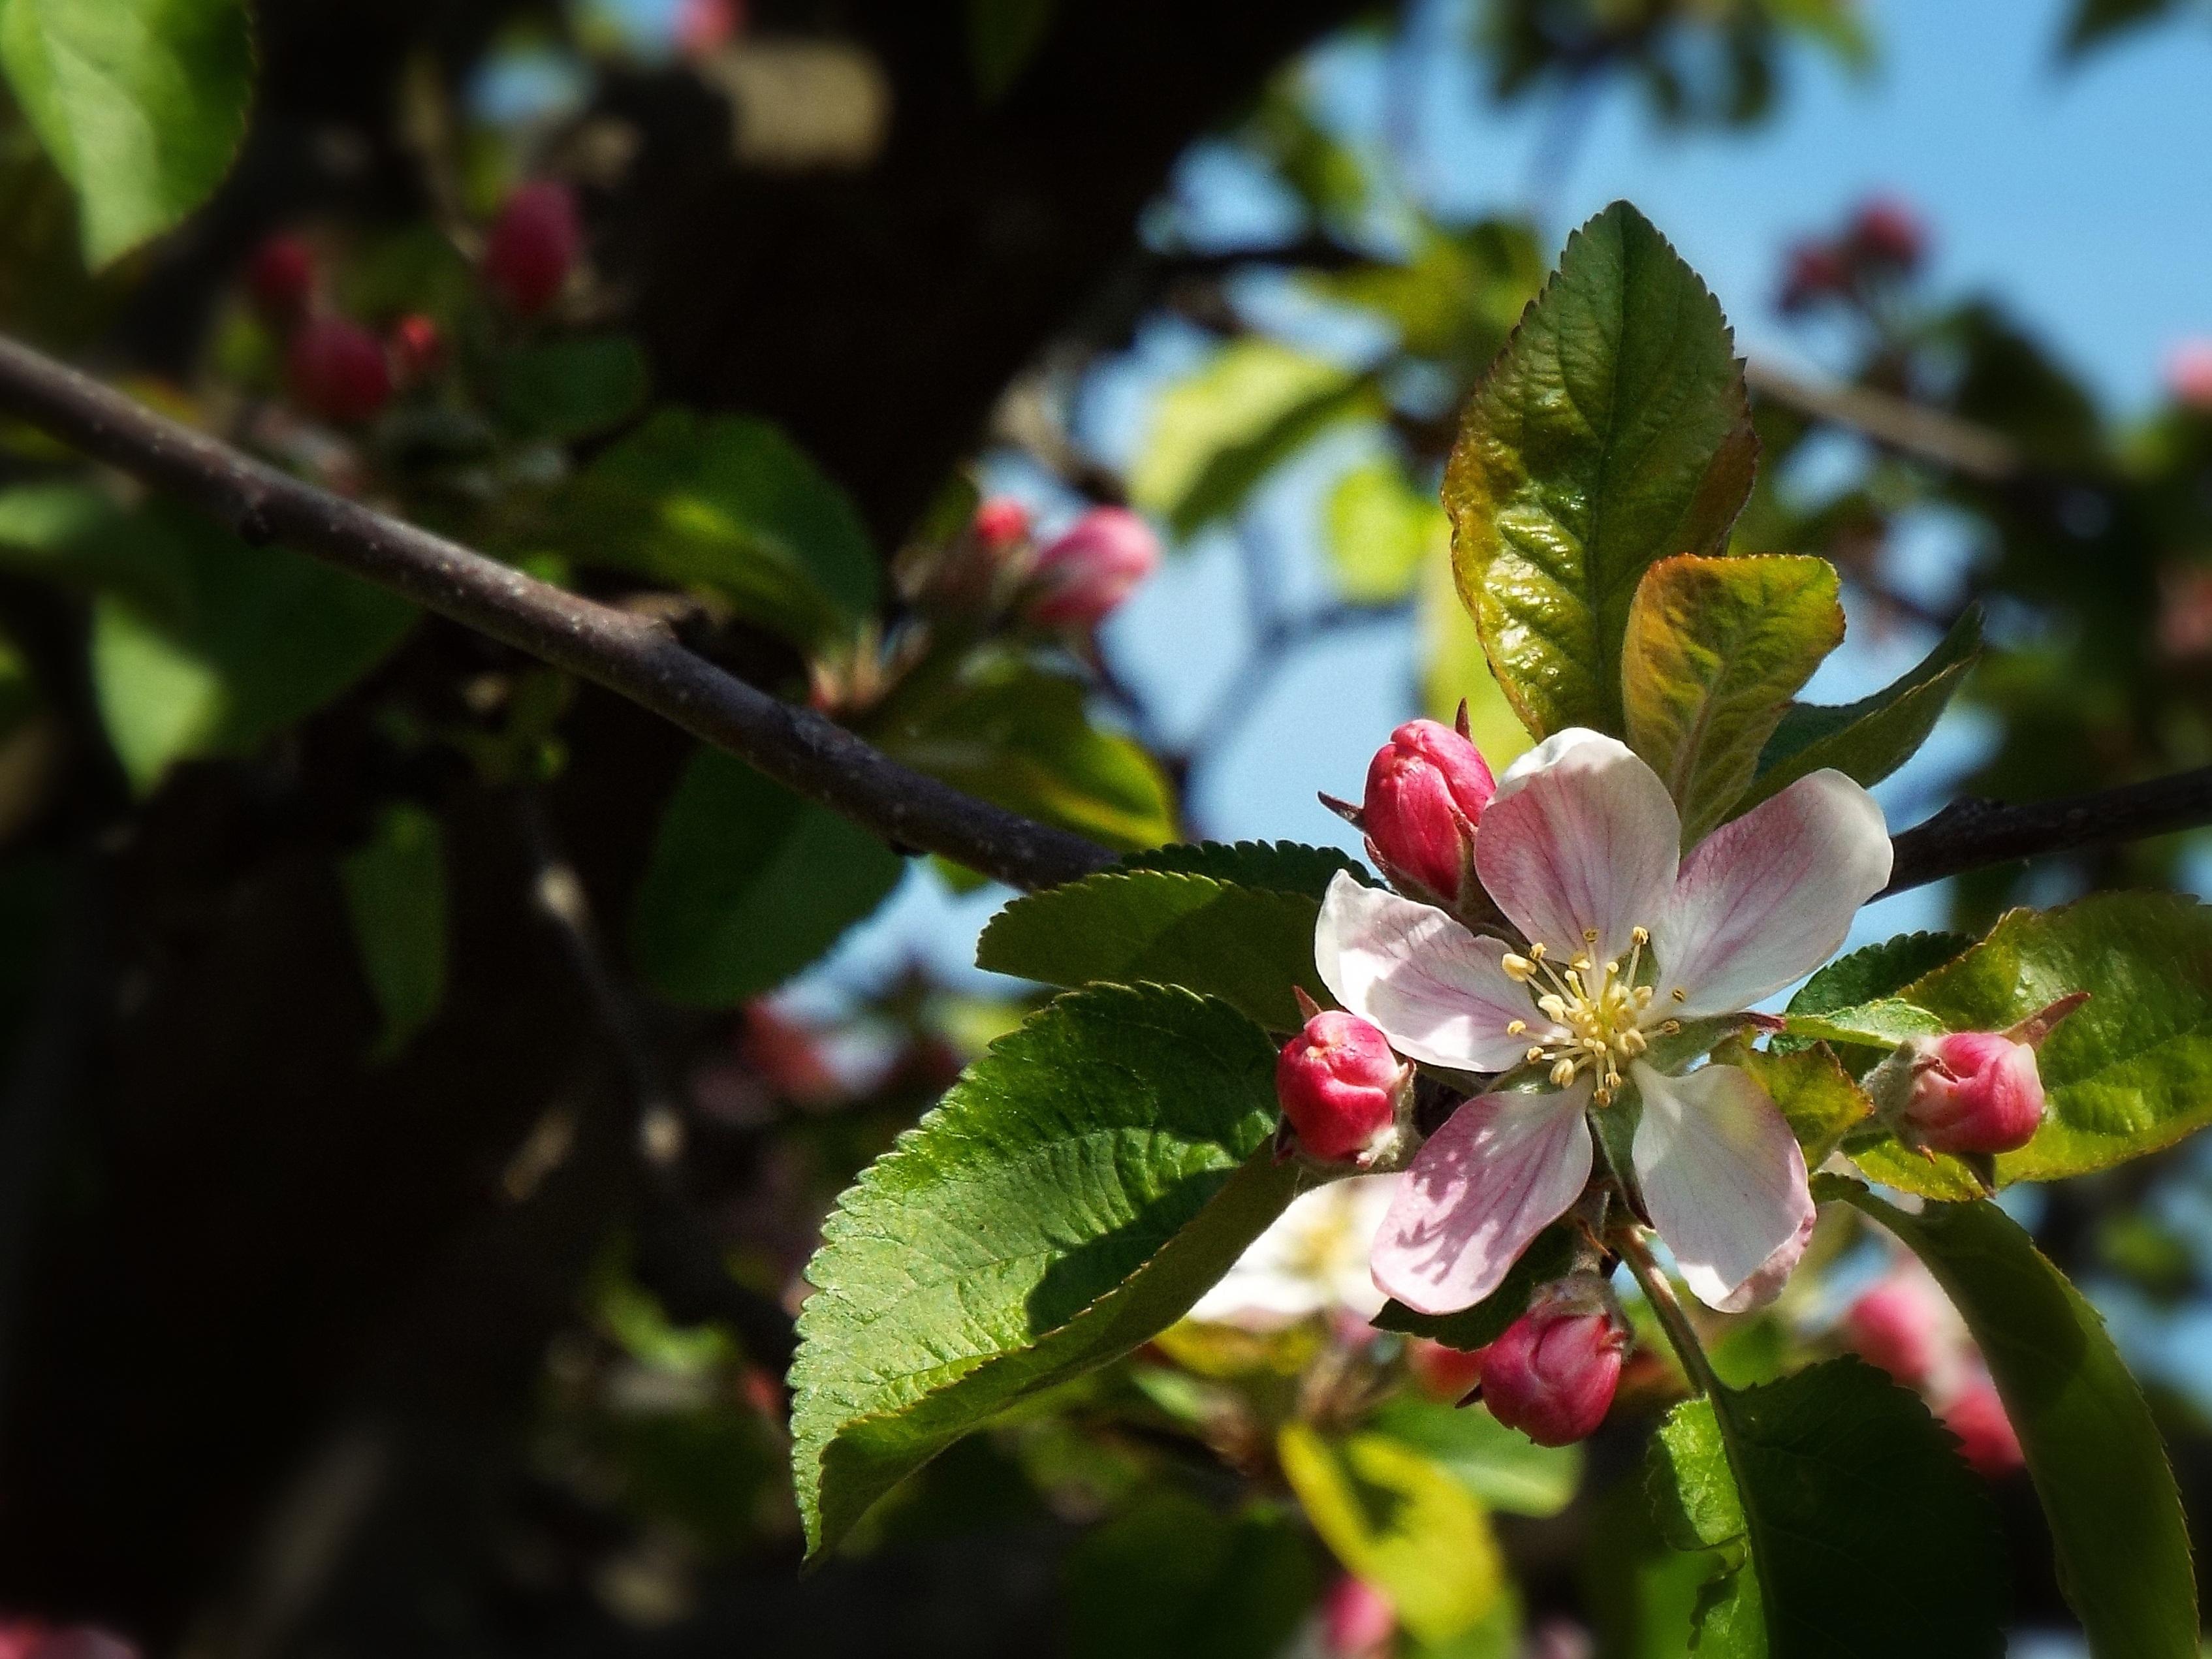 banco de imagens natureza ramo plantar fruta baga folha flor comida primavera produzir botnica jardim flora flores silvestres fecharse